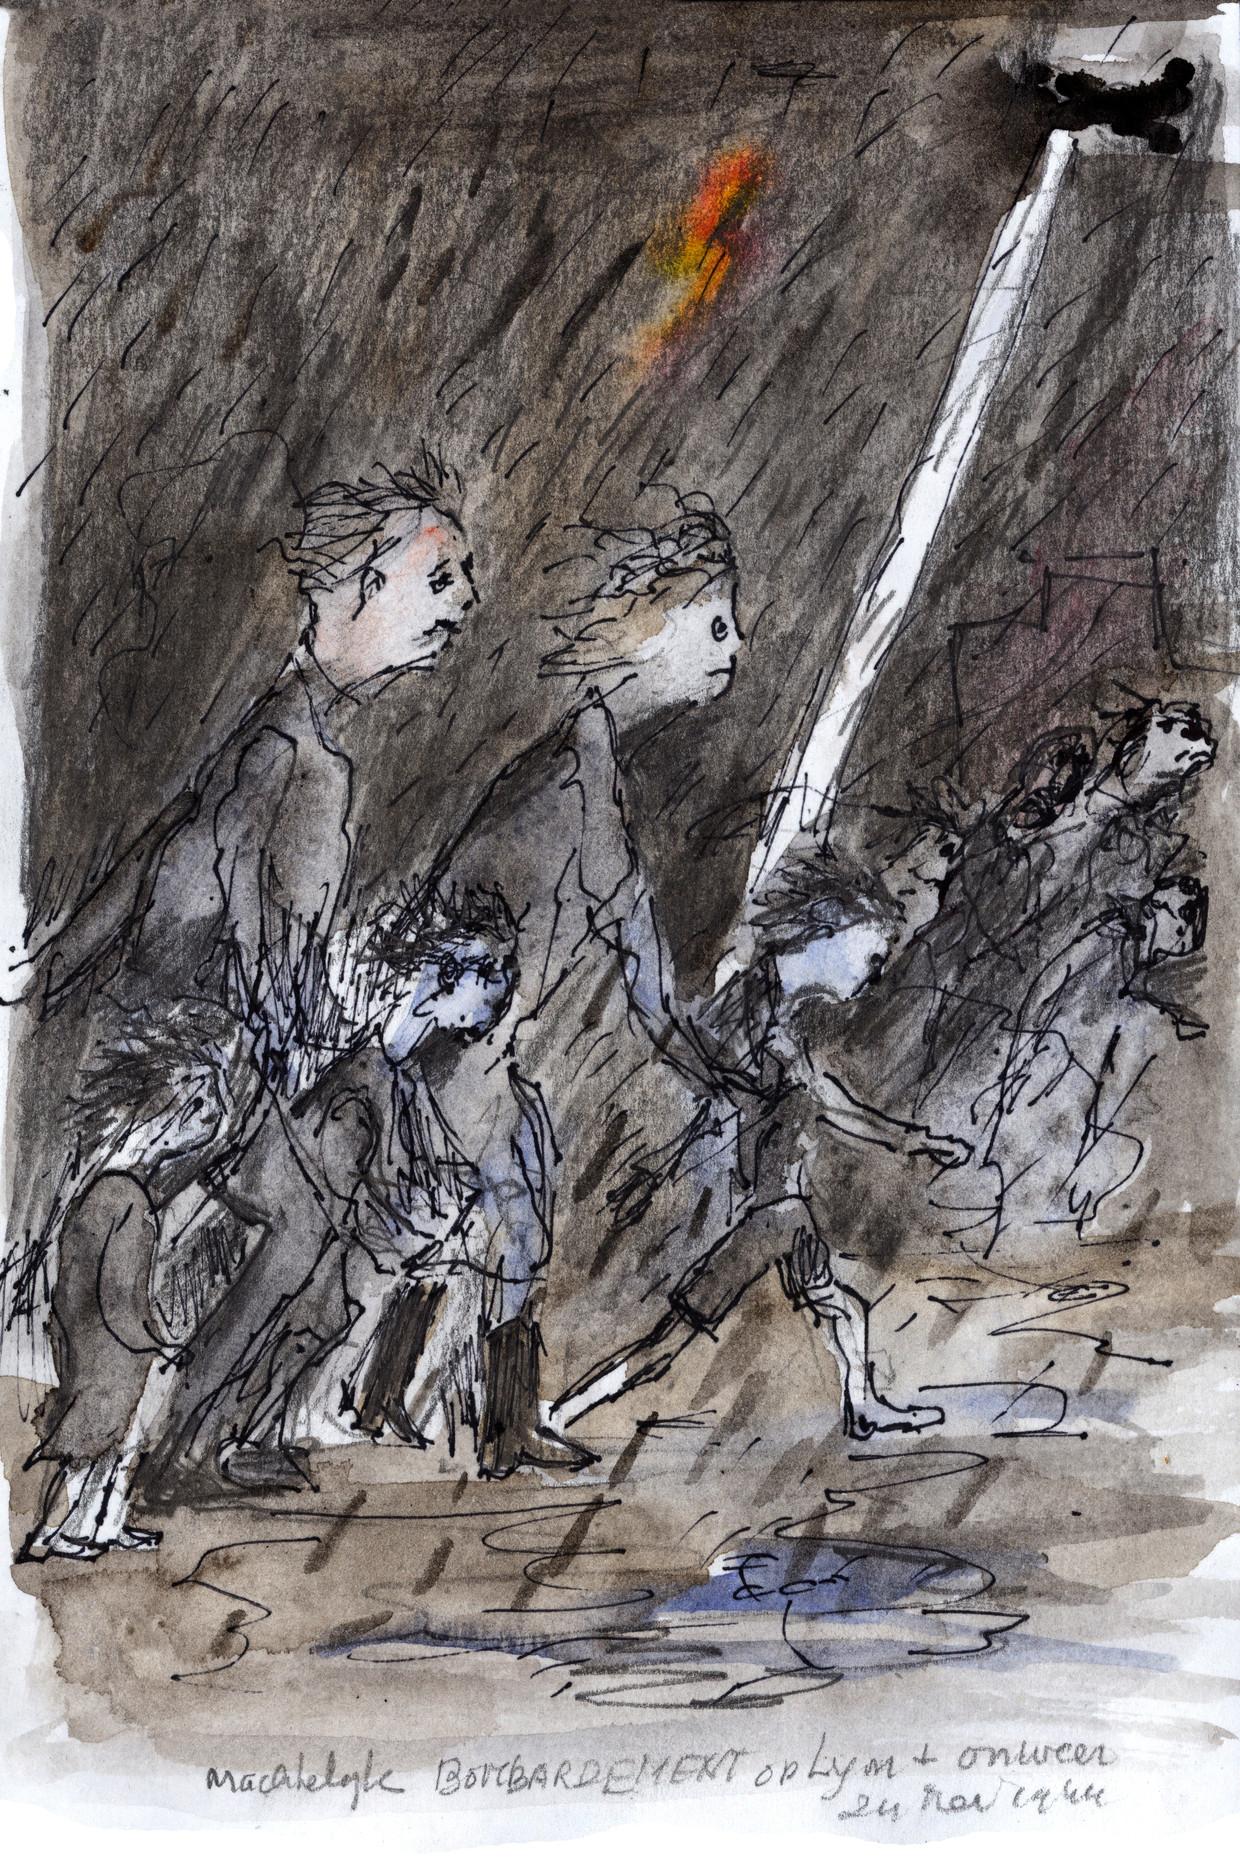 Bombardement Lyon, 1944. Jaap, Nel, Riet, Jacques en Kees van der Sluis.